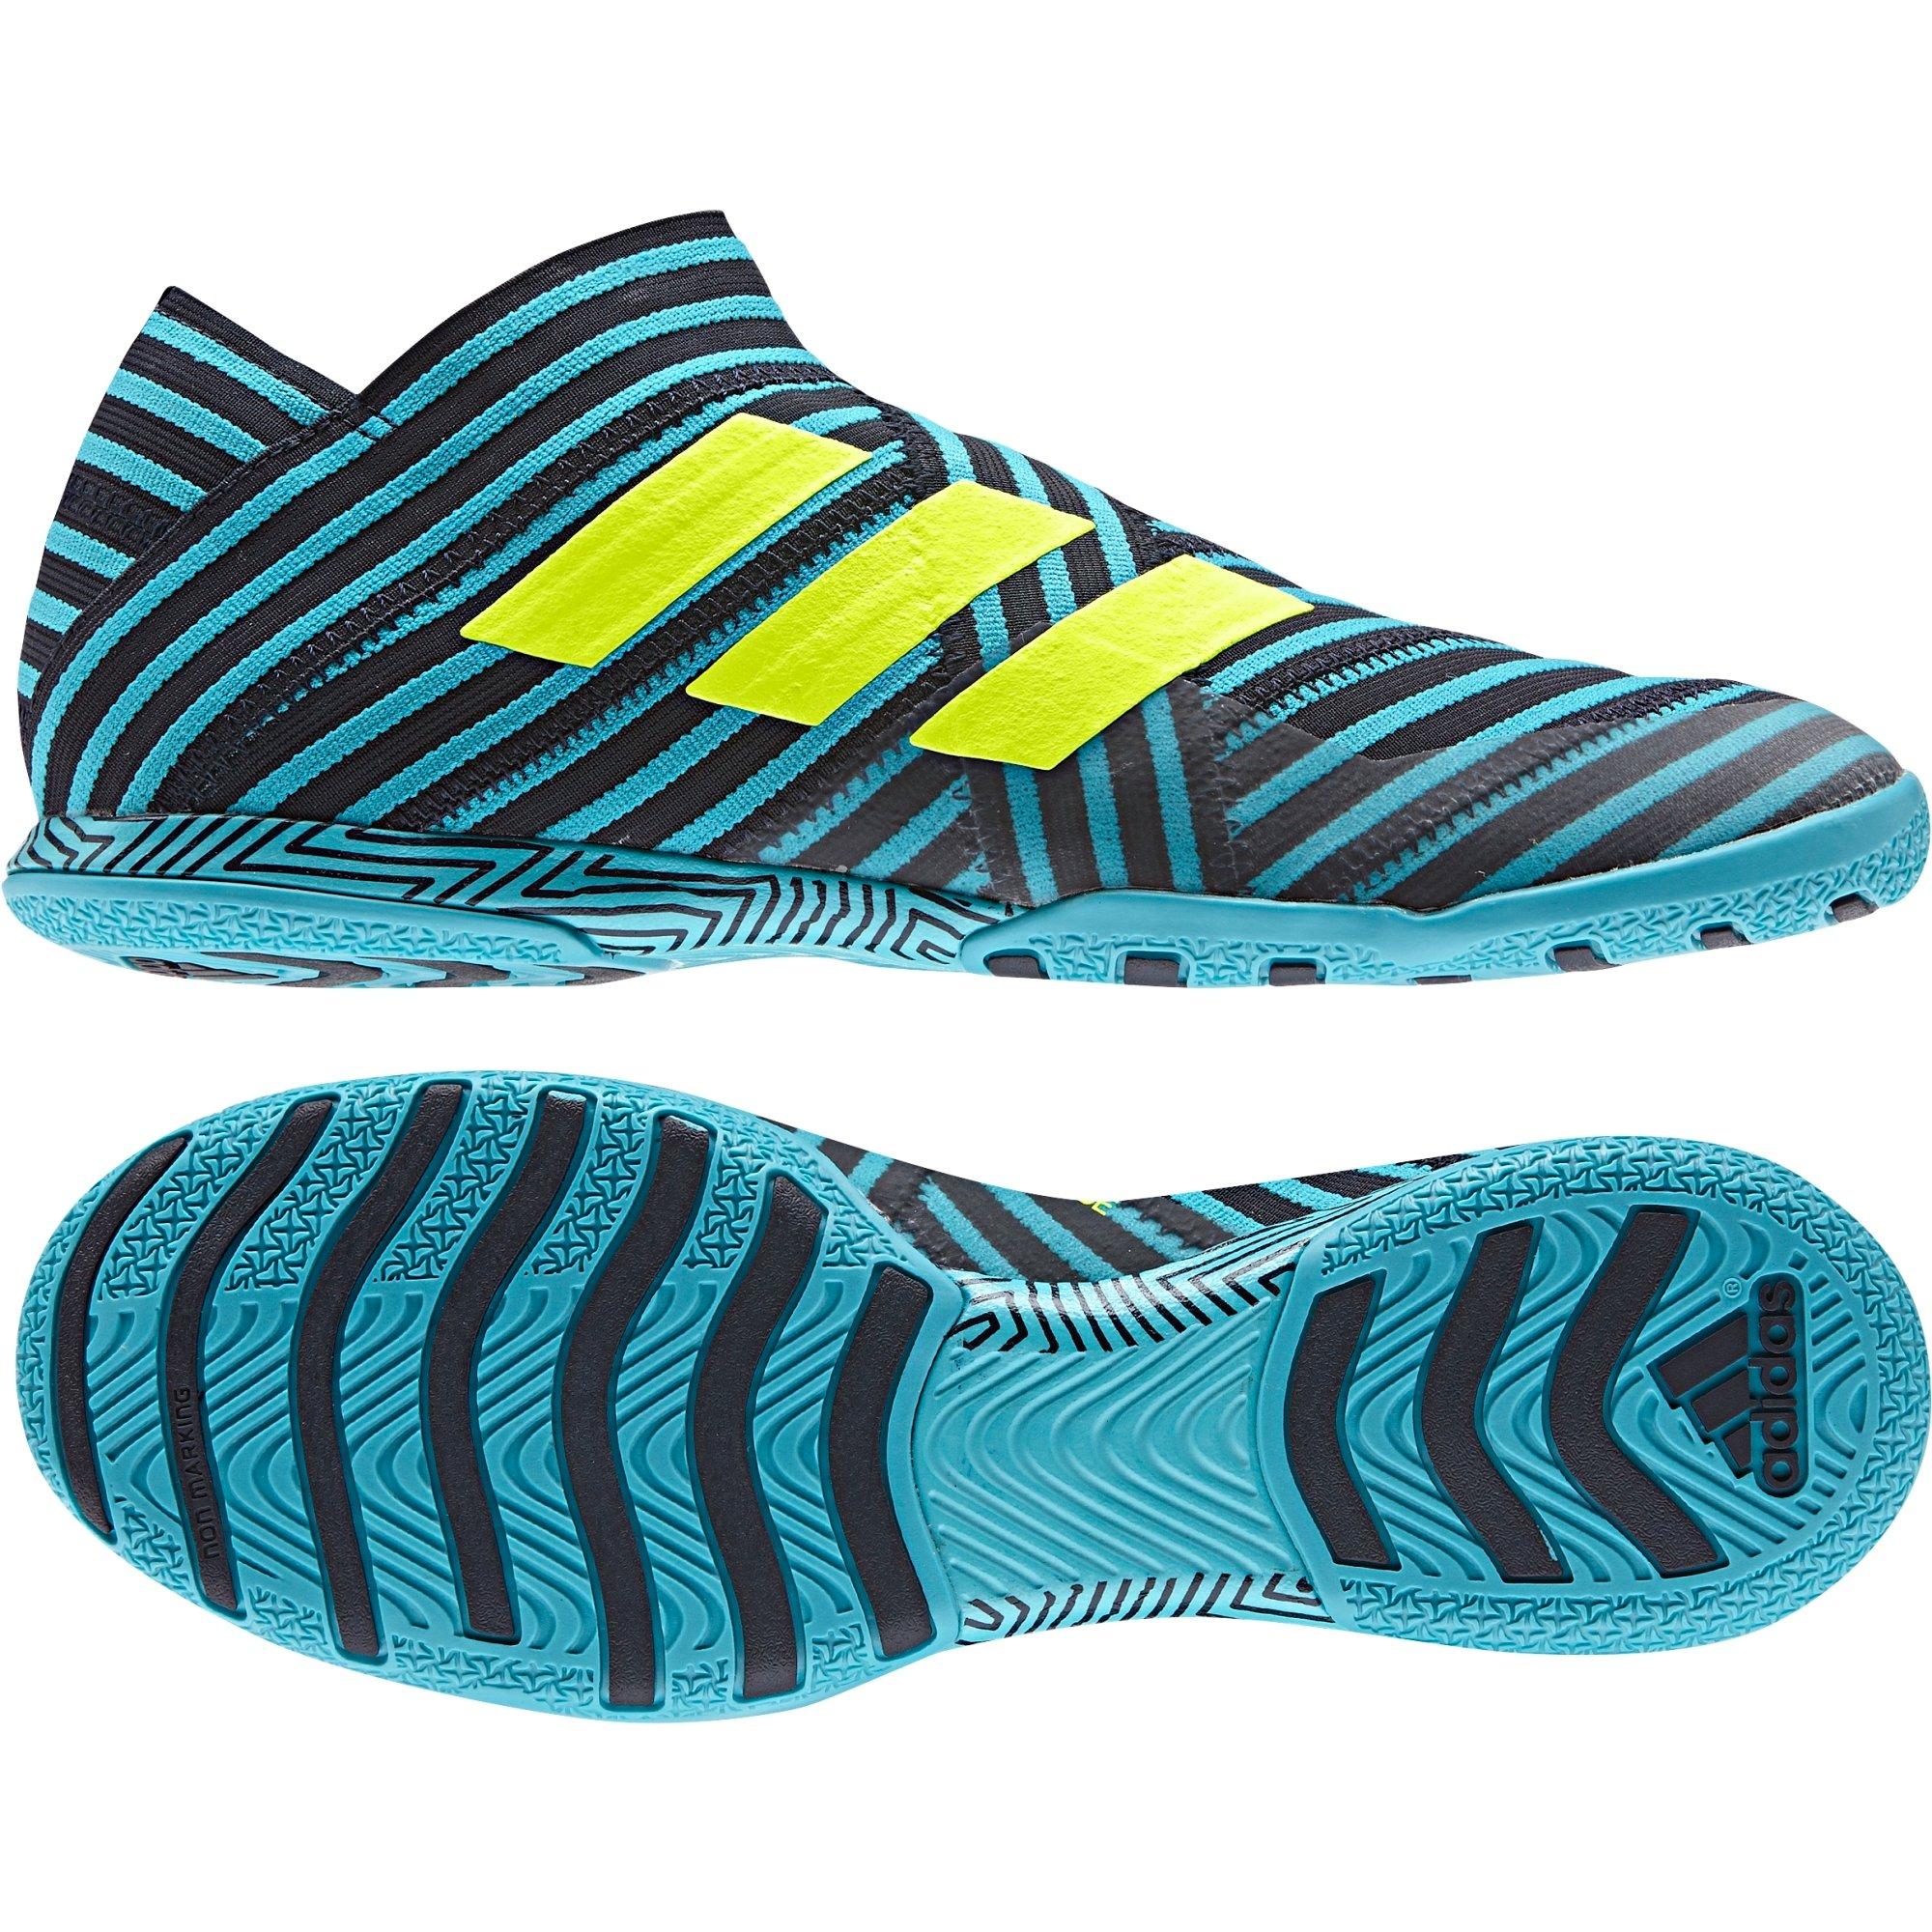 Piłka Nożna | Adidas Buty Nemeziz Tango 17+ 360 Agility